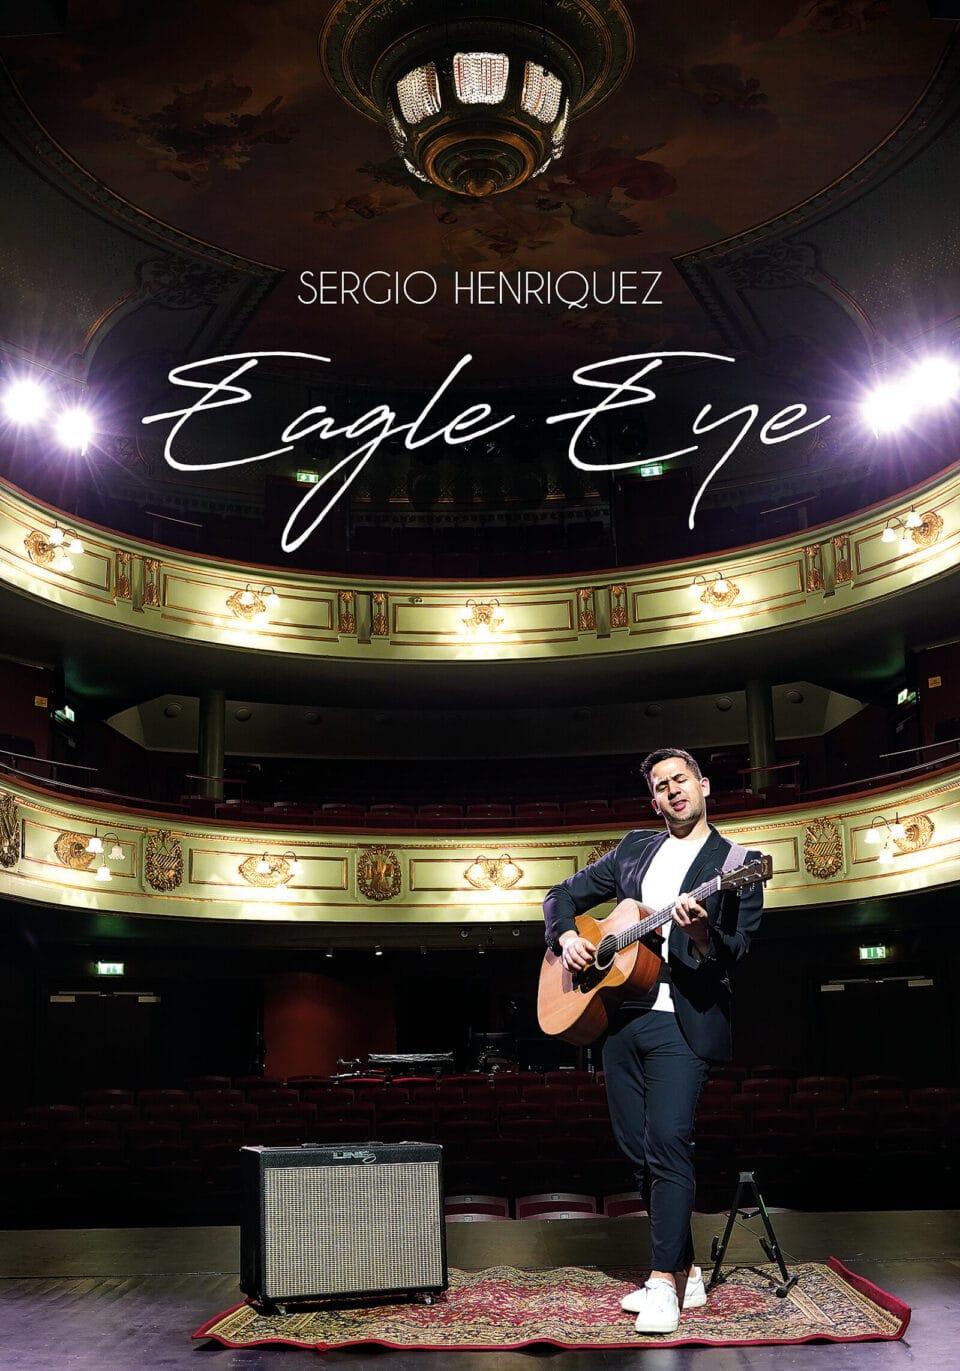 Sergio Henriquez spelar in musikalbum